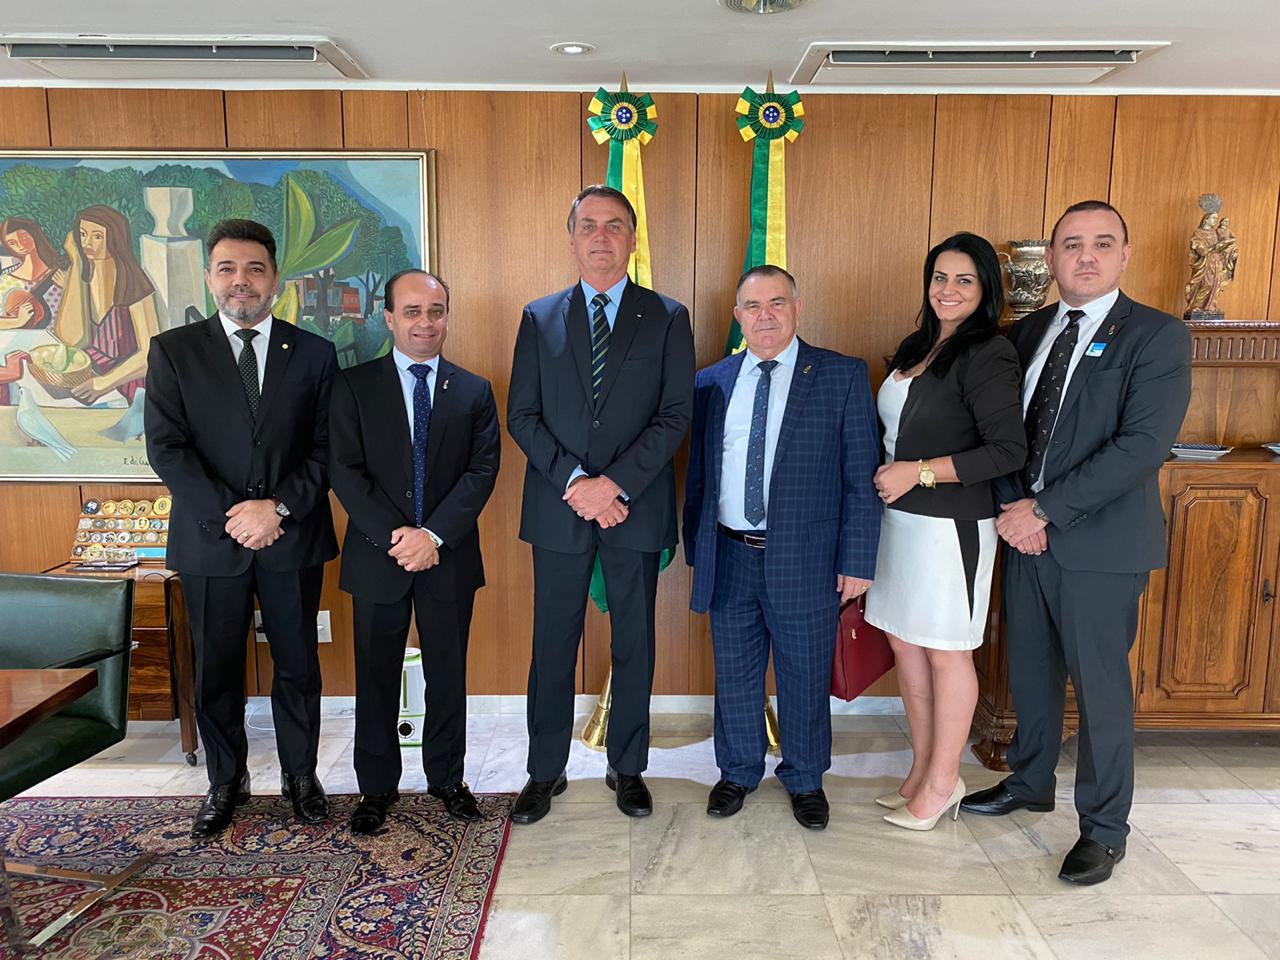 Equipe dos Gideões é recebida pelo Presidente Jair Bolsonaro